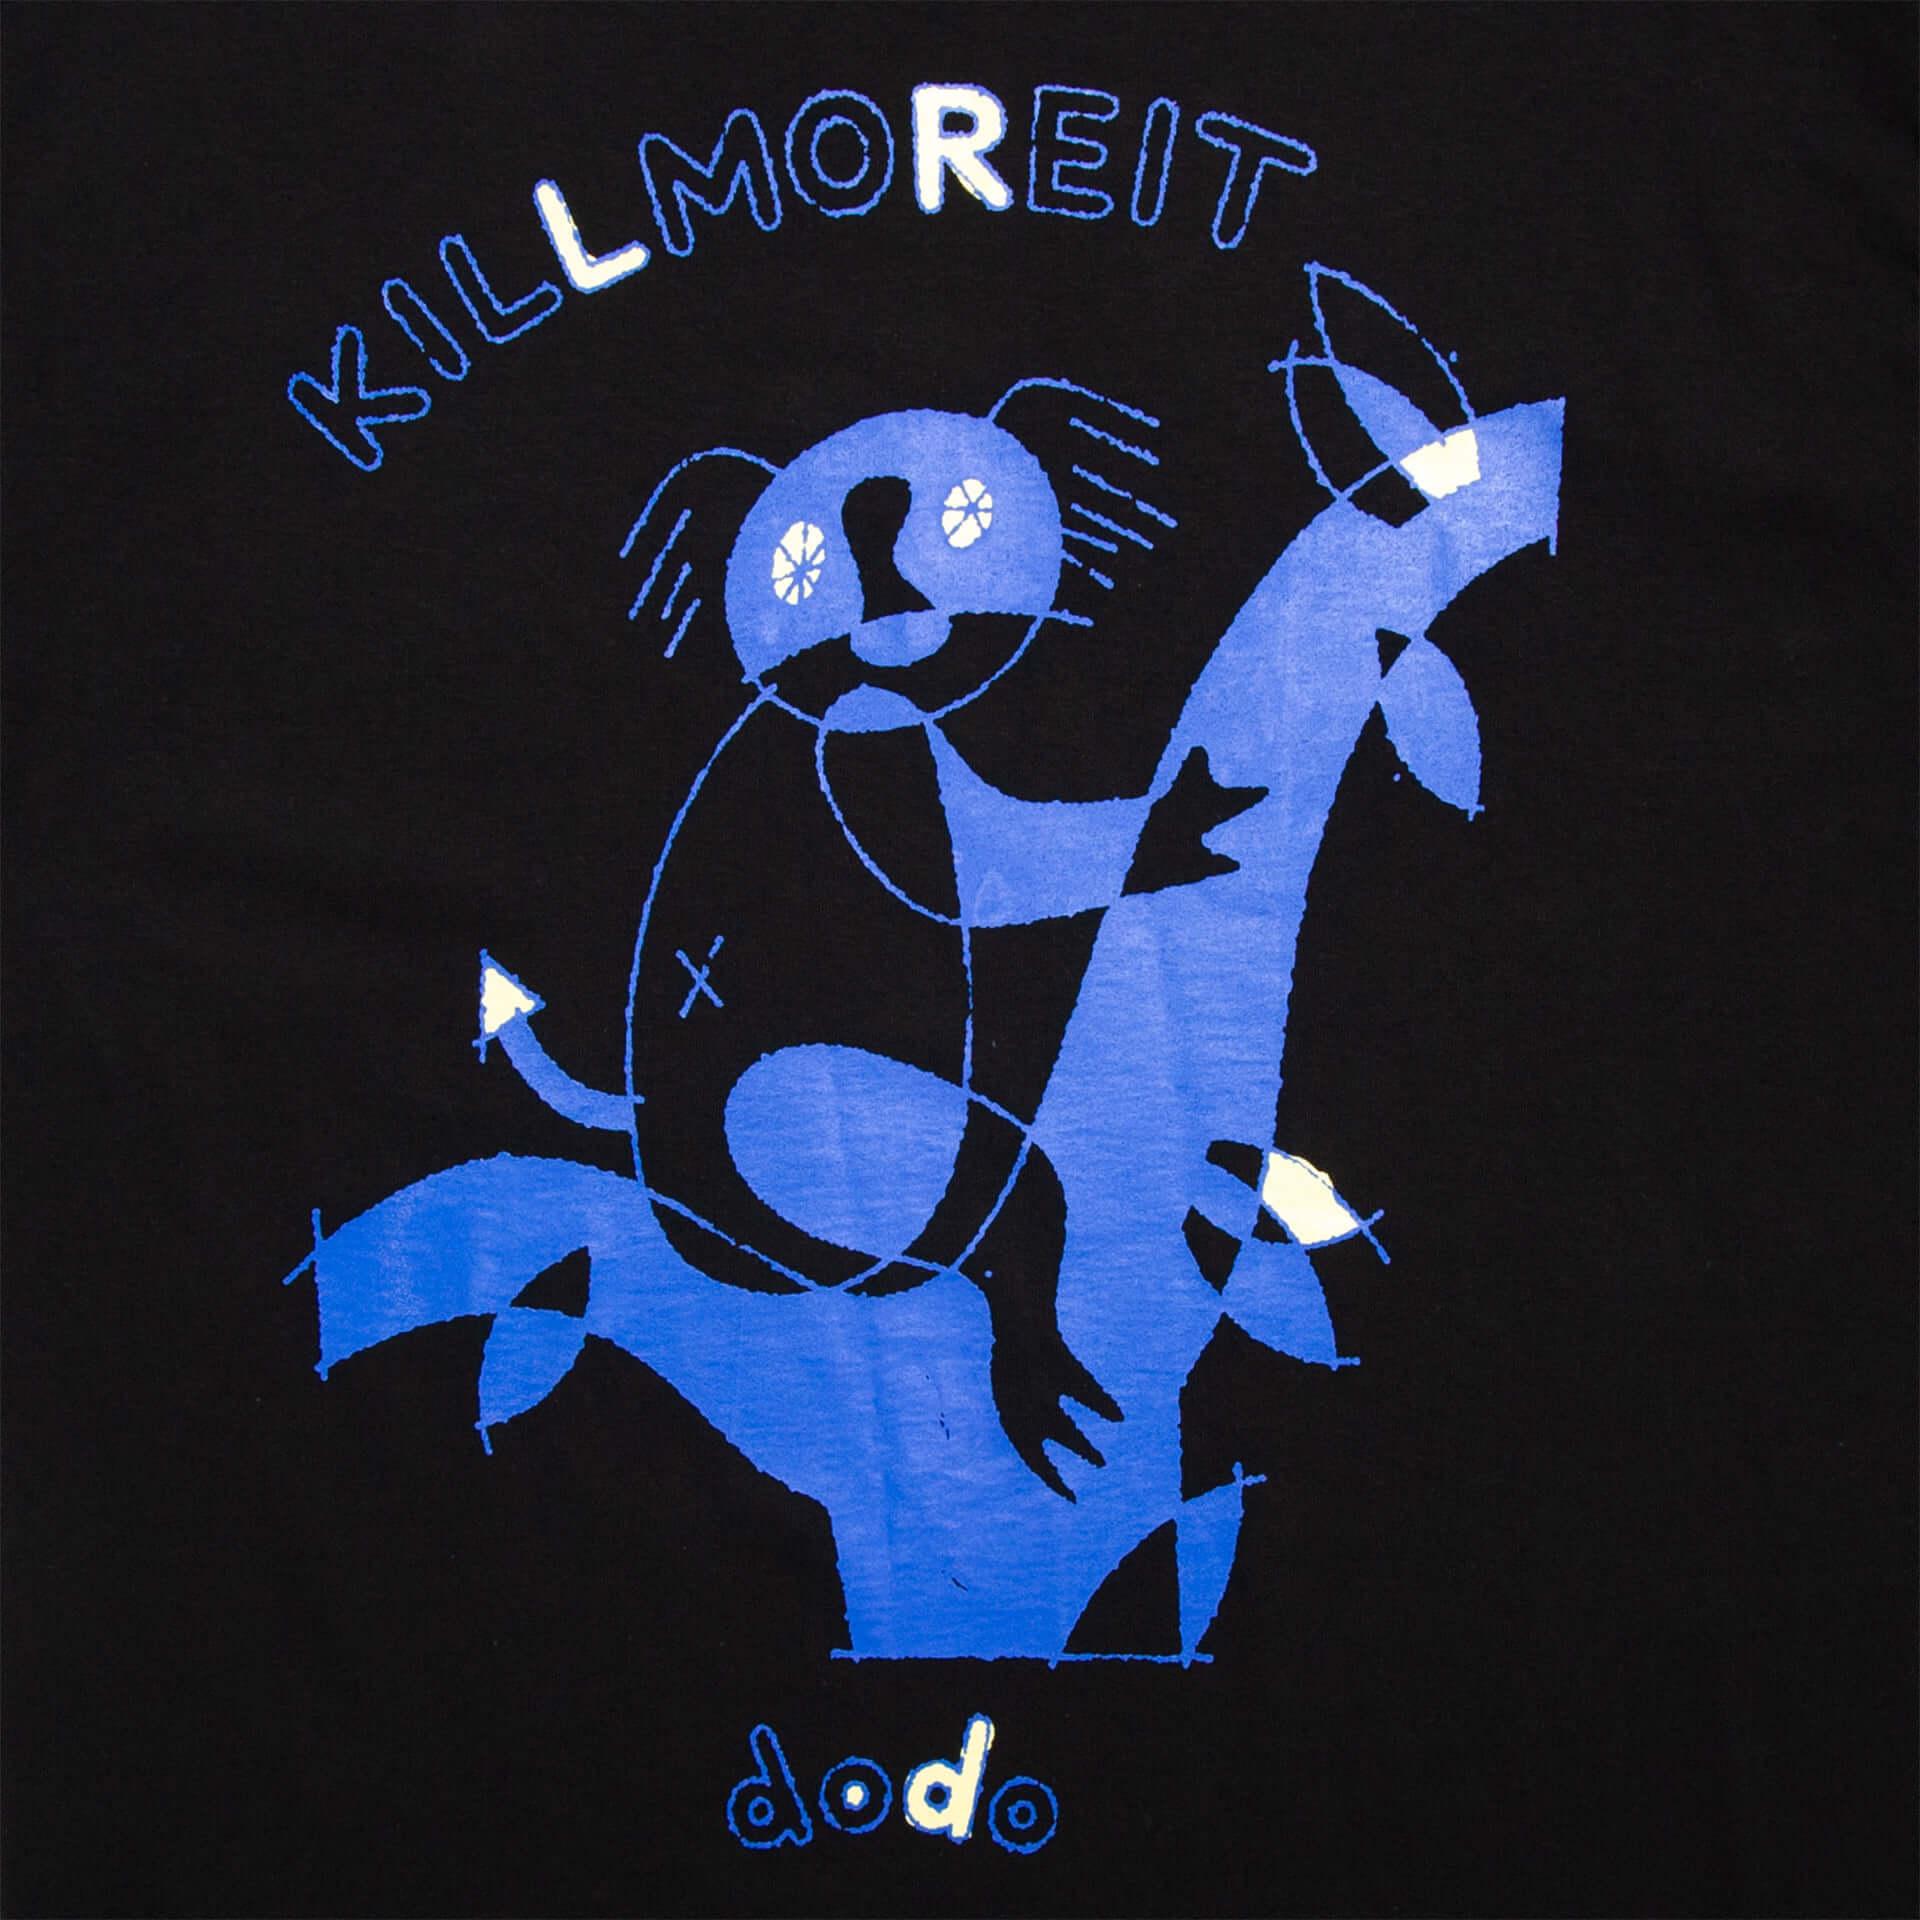 フジロック3日目に出演|新鋭ラッパー・dodo x Ryu OkuboによるコラボTシャツが本日から予約開始 lifefashion190726dodo_9-1920x1920